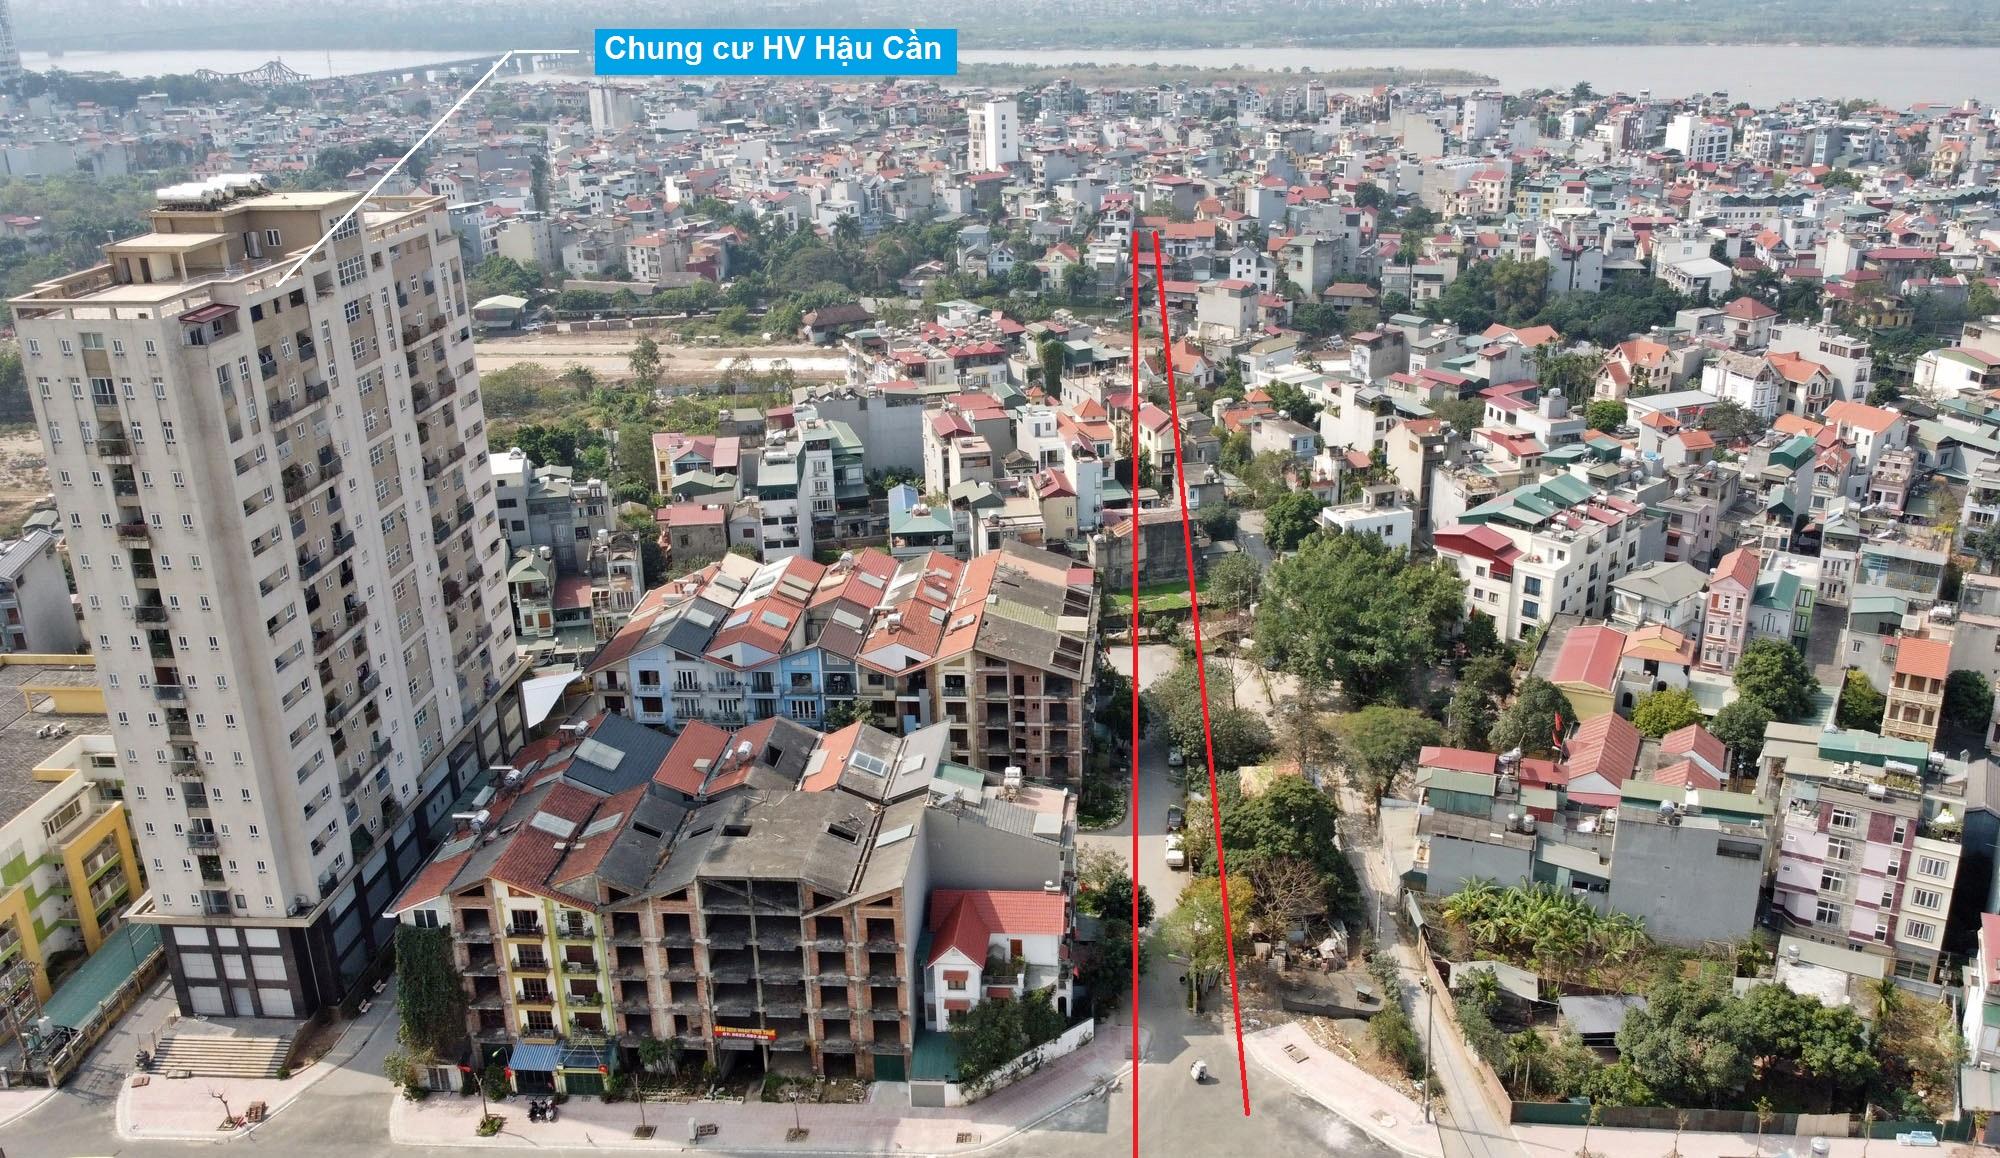 Ba đường mở theo qui hoạch ở phường Ngọc Thụy, Long Biên, Hà Nội (phần 2) - Ảnh 9.